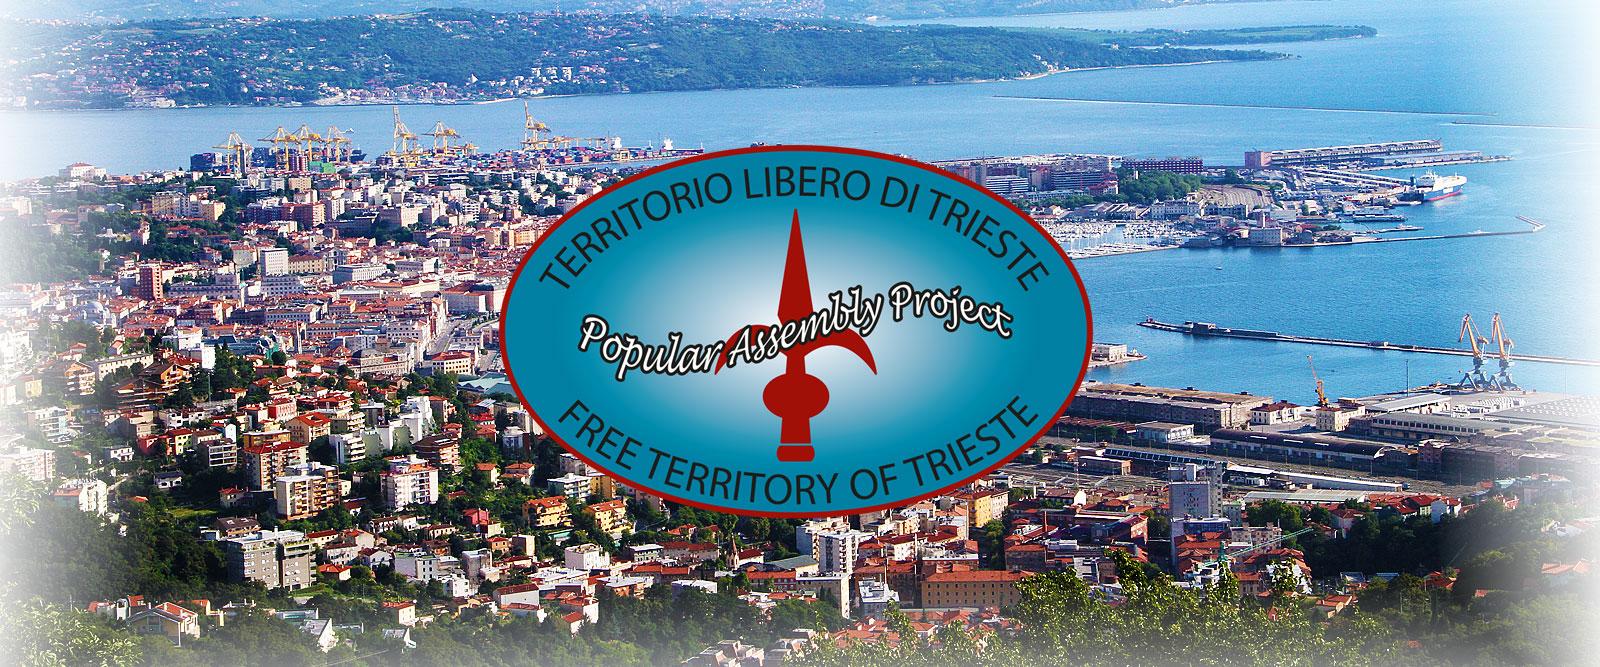 PAP copertina logo